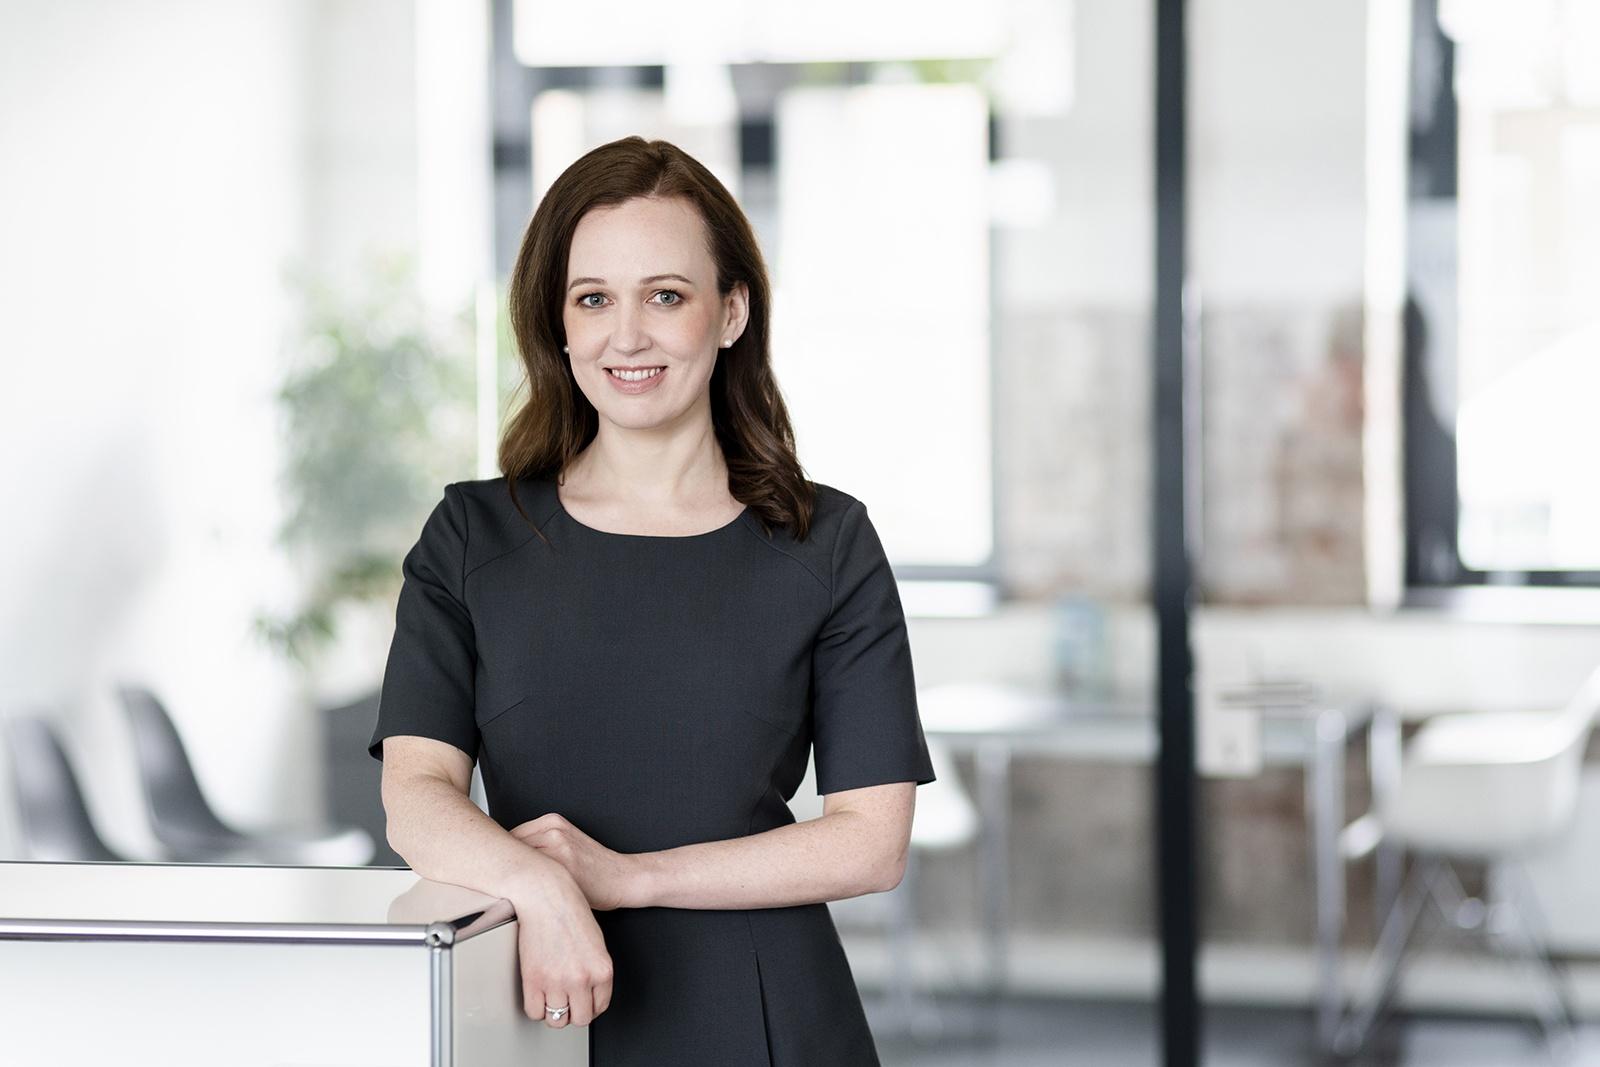 Rechtsanwältin Julie Wittenstein